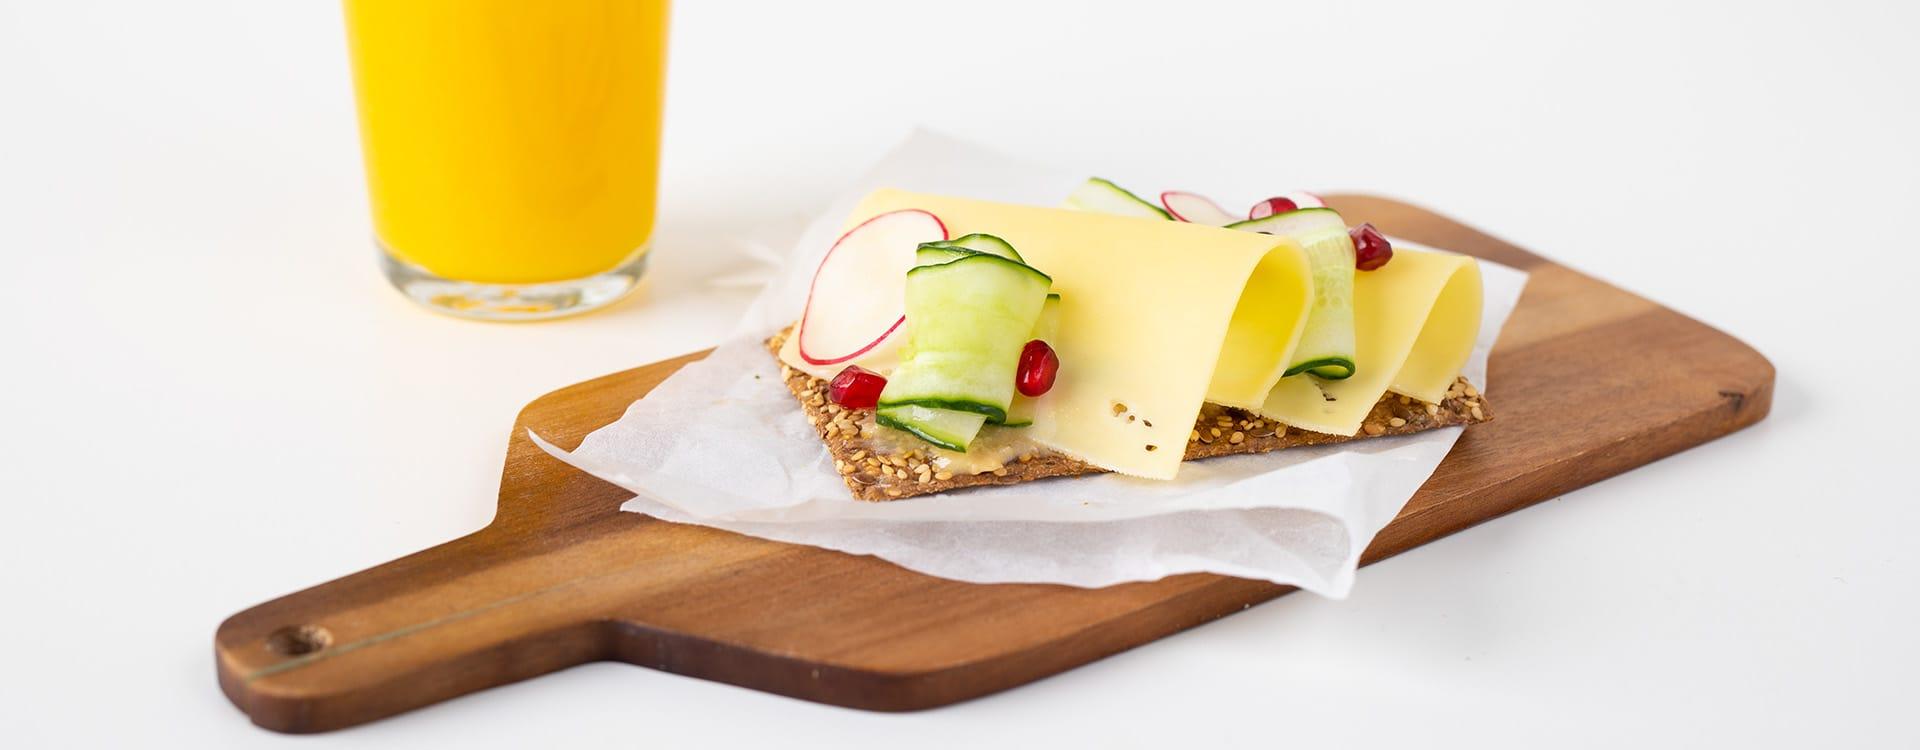 Synnøve Findens fokus på sunnhet og smak har også gitt flere topplasseringer i smakstest av deres lettoster.